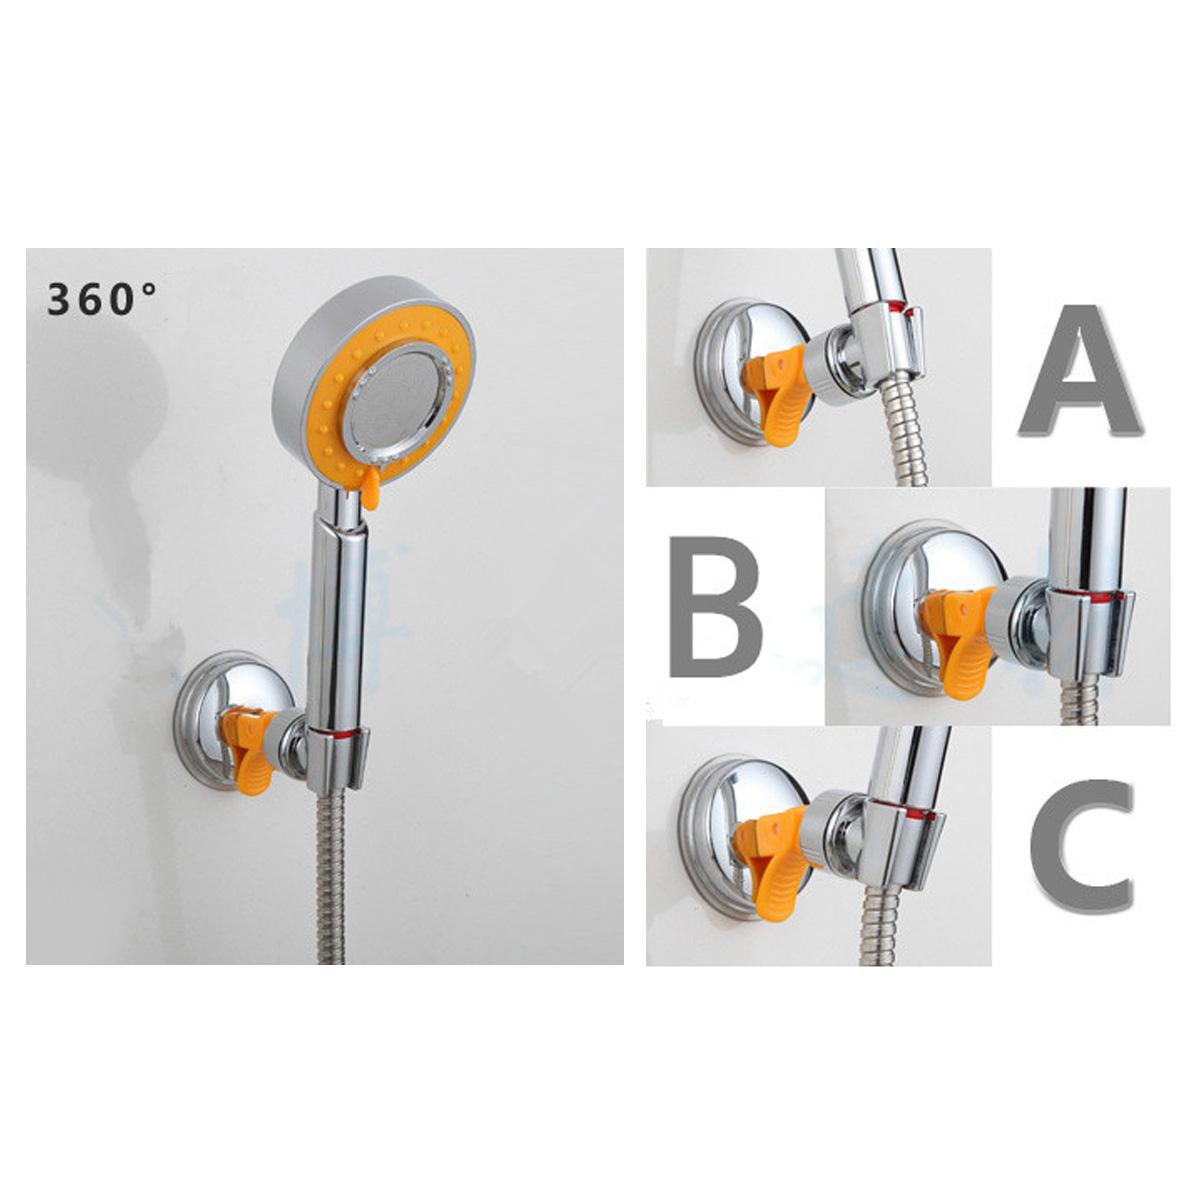 duschkopf schieber gleiter handbrause duschstange halter halterung mit saugnapf ebay. Black Bedroom Furniture Sets. Home Design Ideas